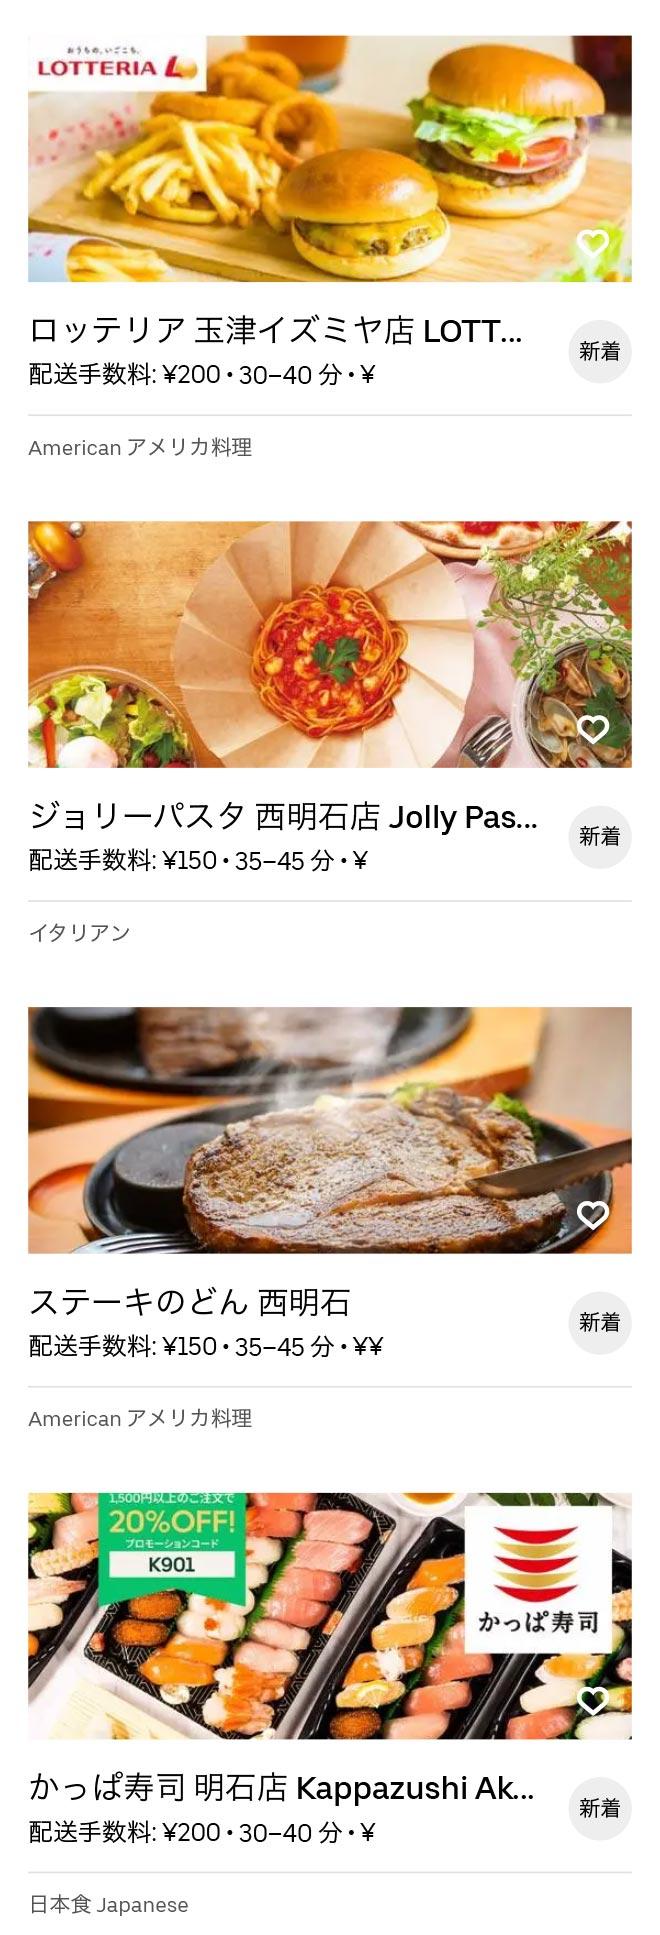 Nishi akashi menu 2010 03